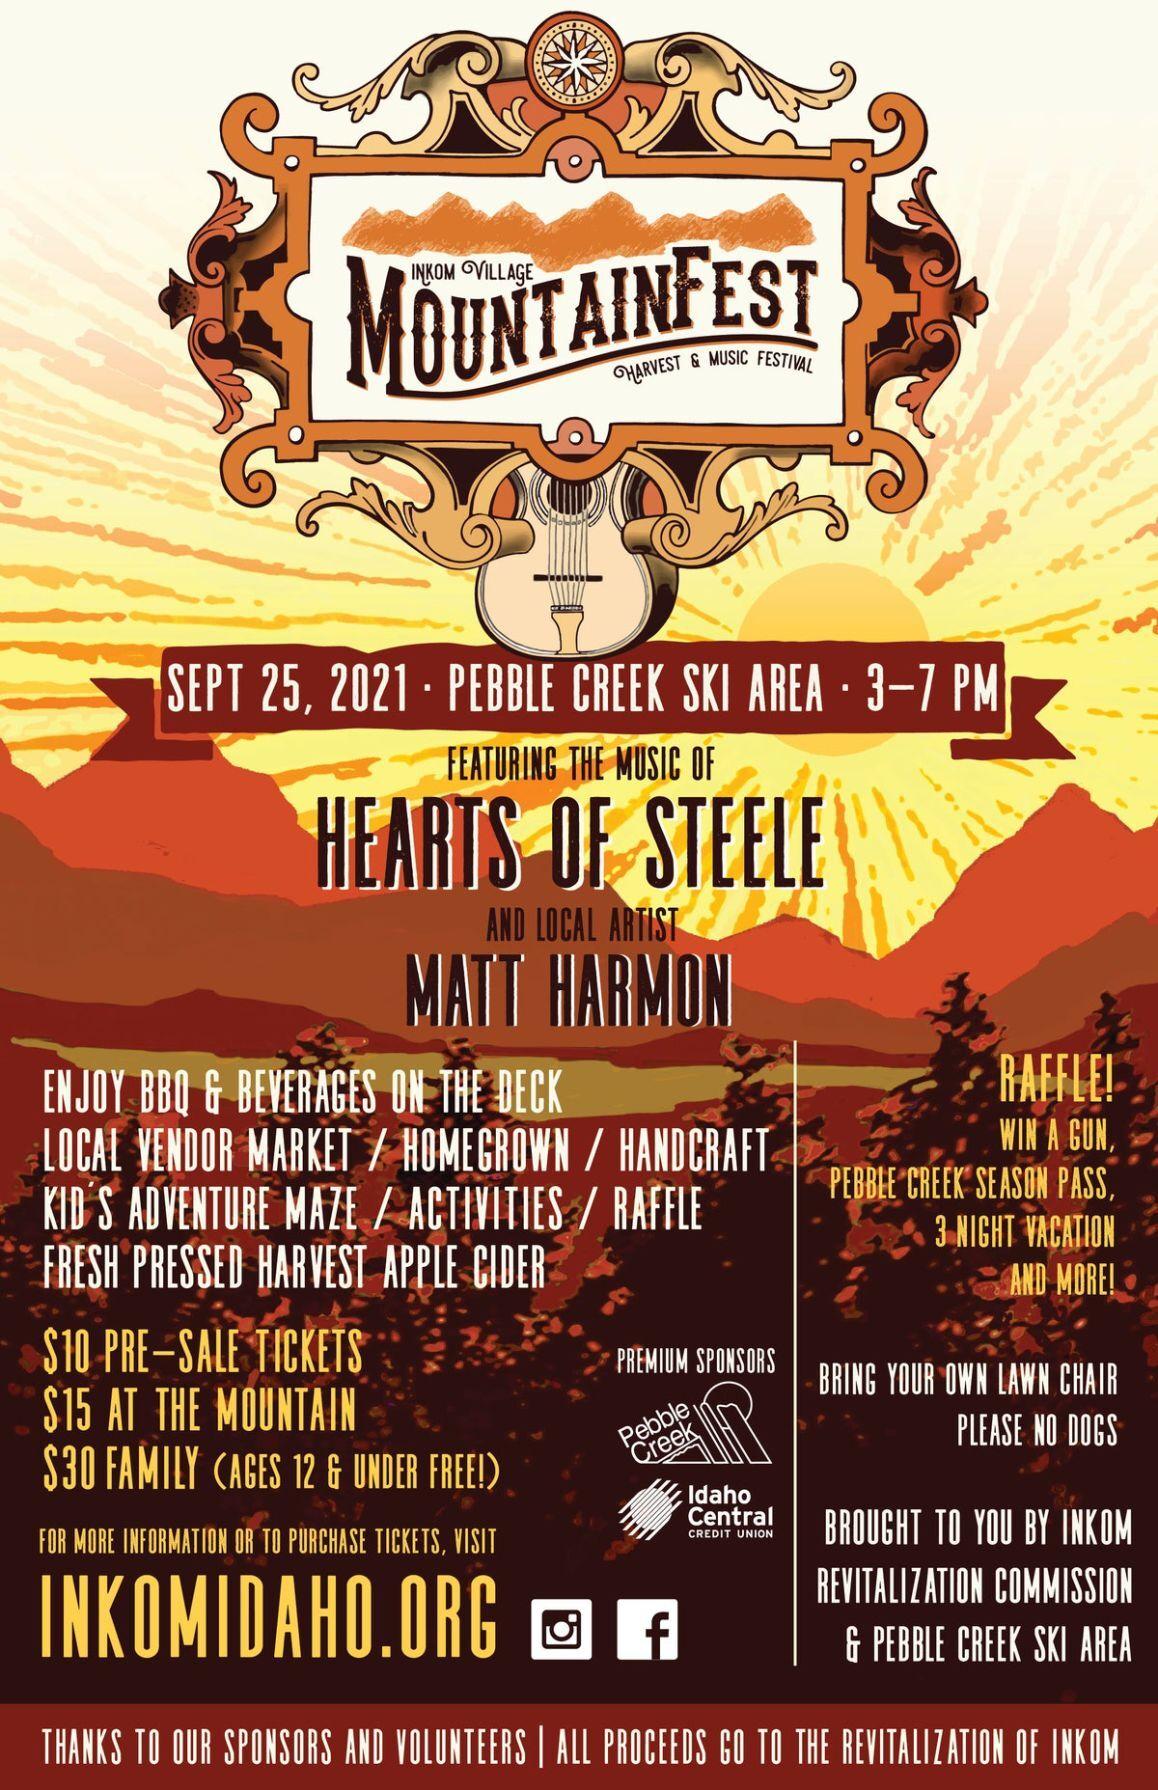 Inkom Village MountainFest